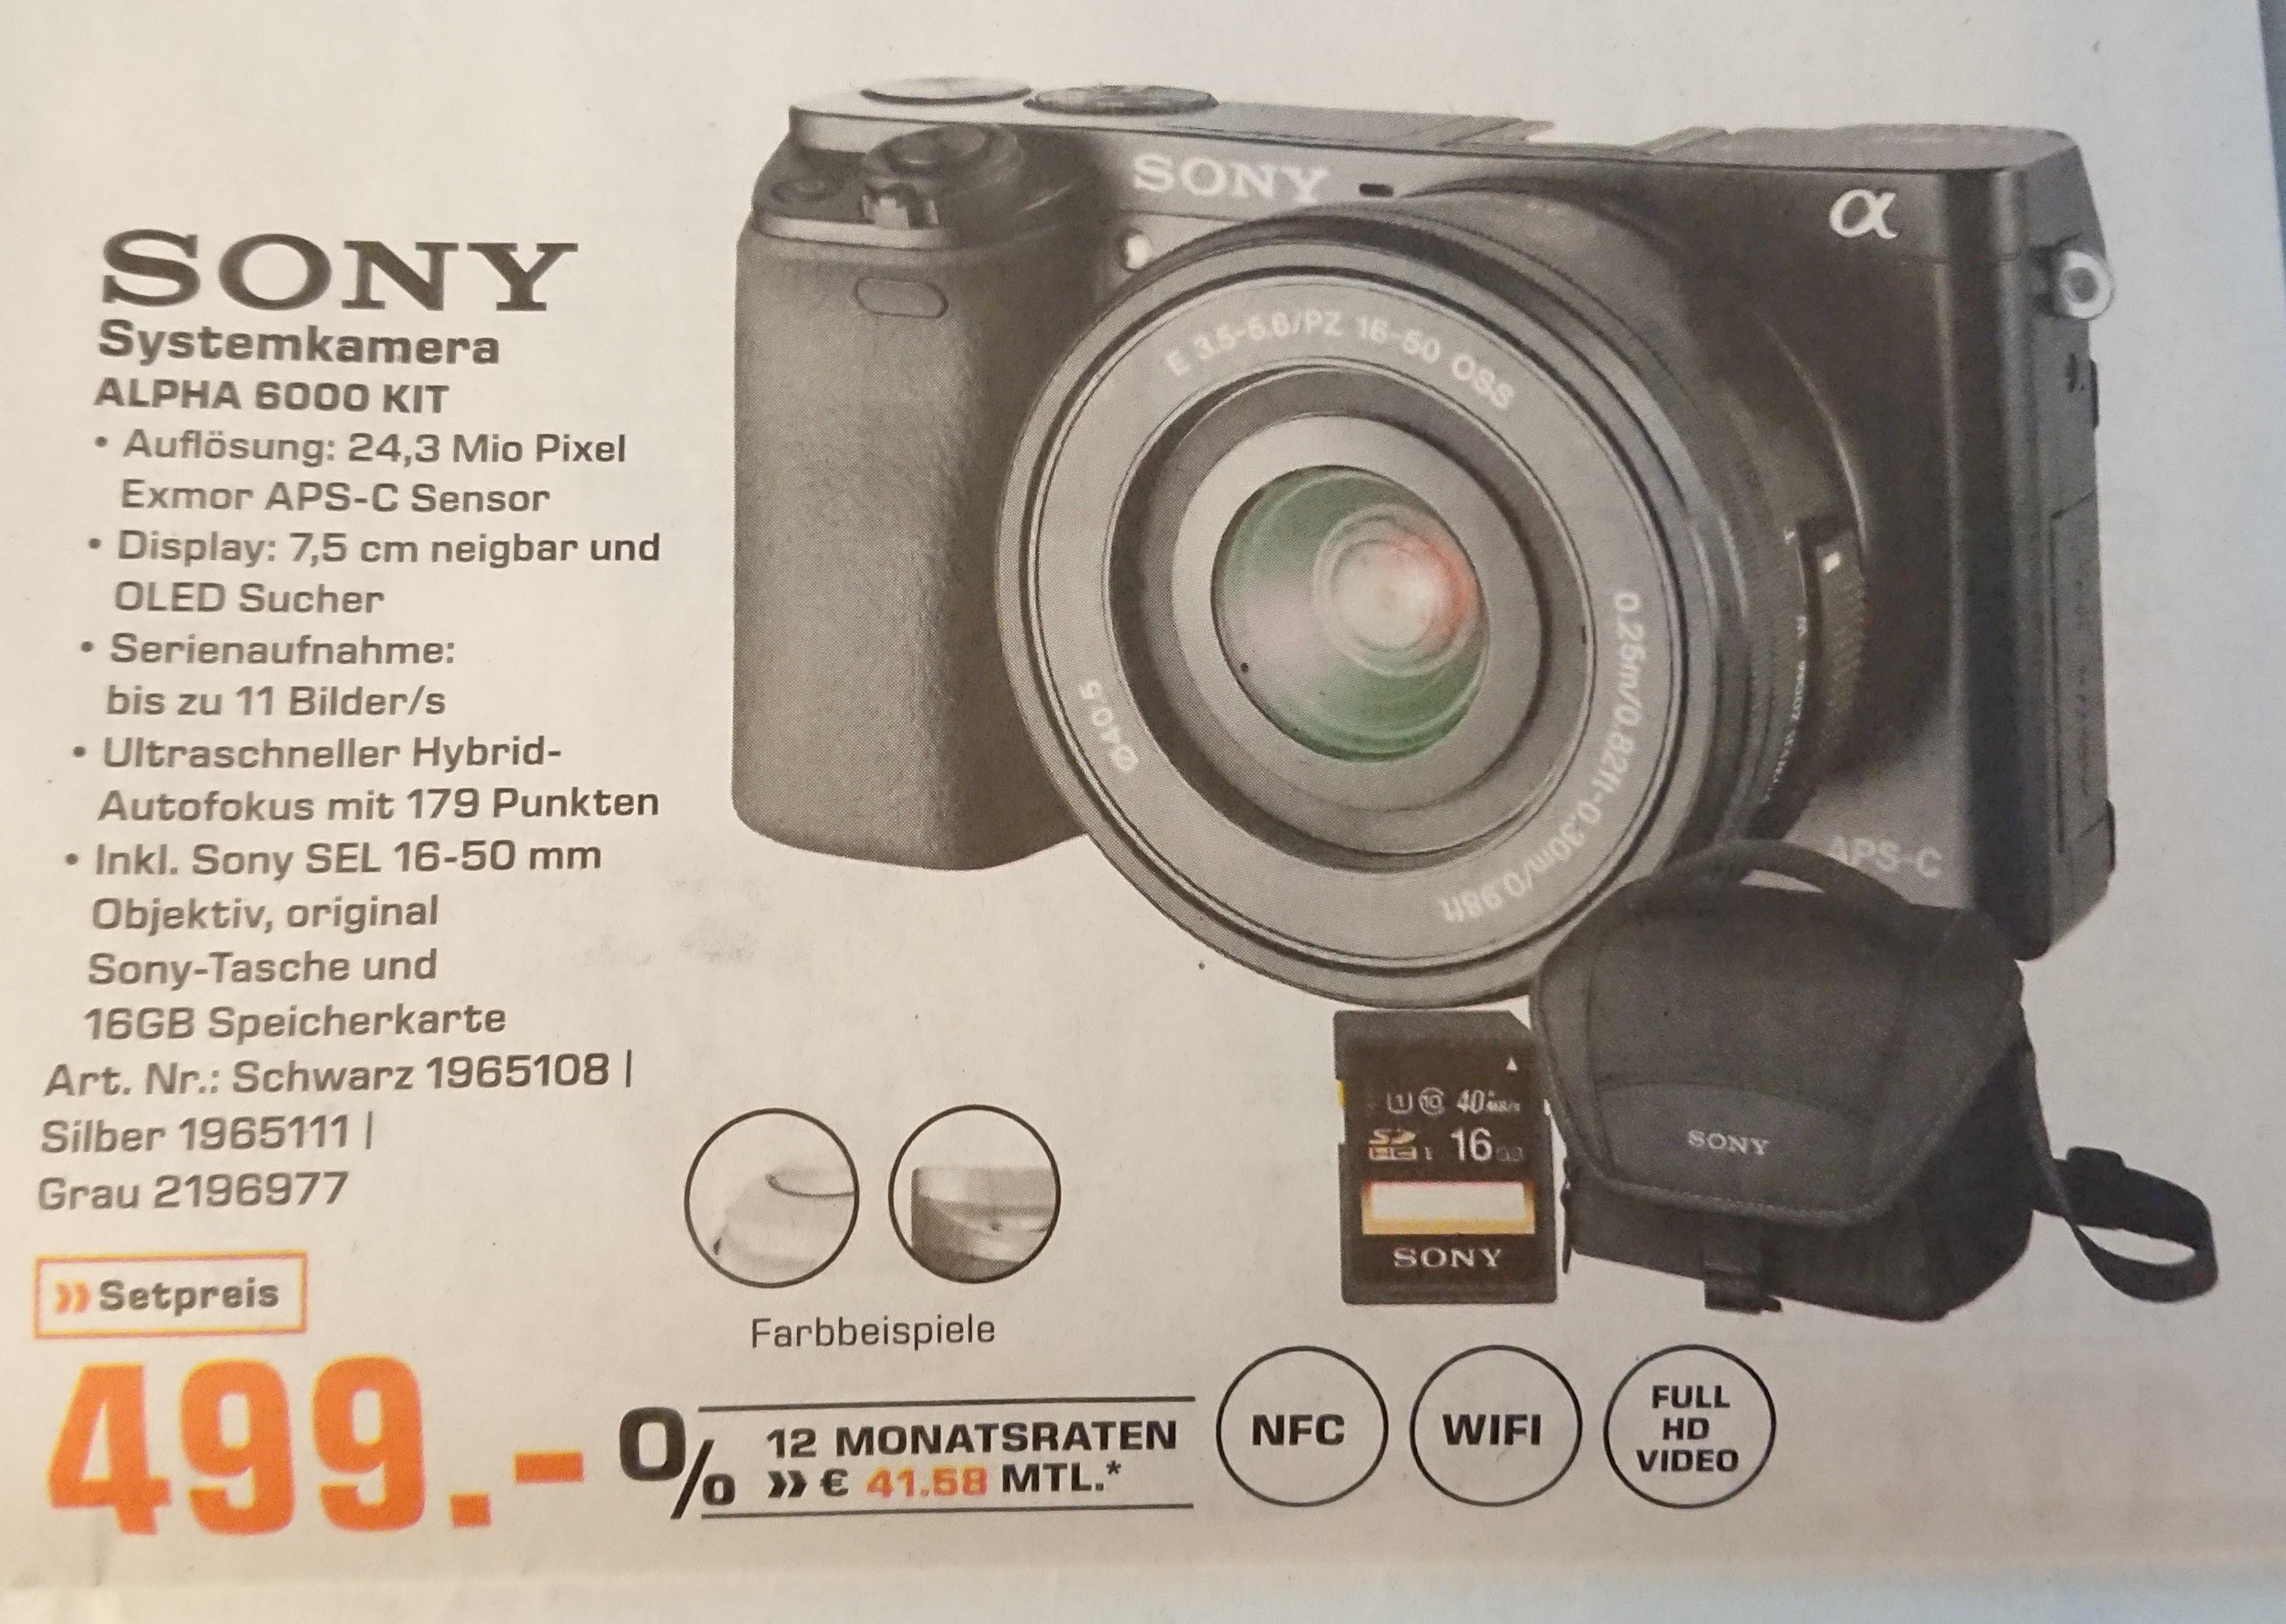 [Lokal München] Sony Alpha 6000 Kit inkl. SDHC-Karte 16Gb und Tasche bei Saturn